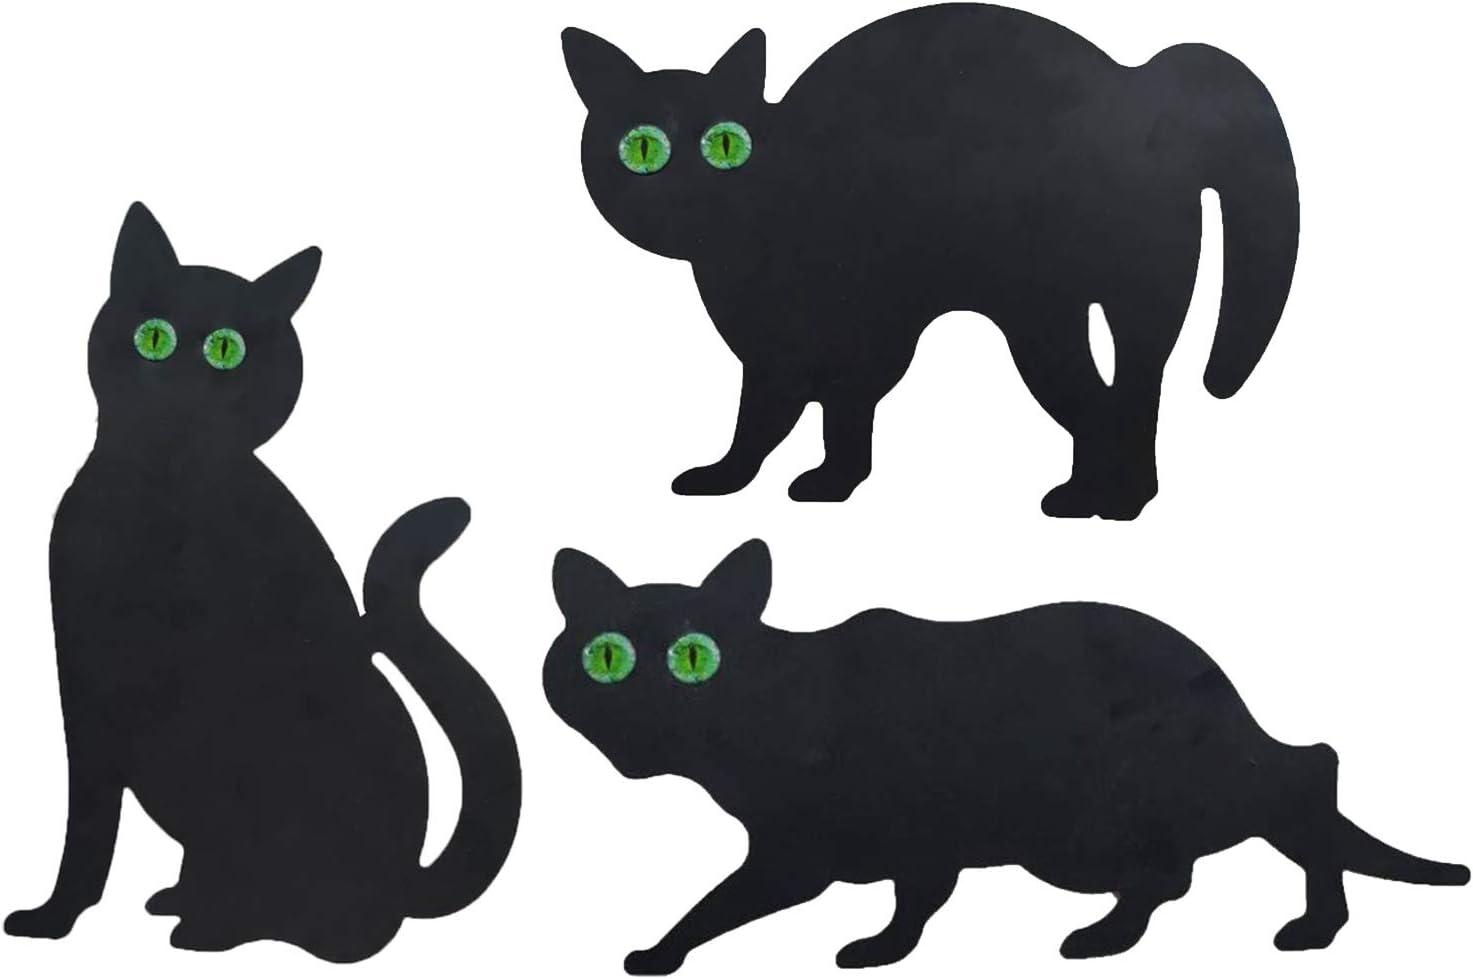 Fenteer Conjunto de 3 Negro Gato jardín esparcido disuasorio Plaga/pájaro/roedor/Zorro decoración al Aire Libre Animales Figuras estatuas Regalos